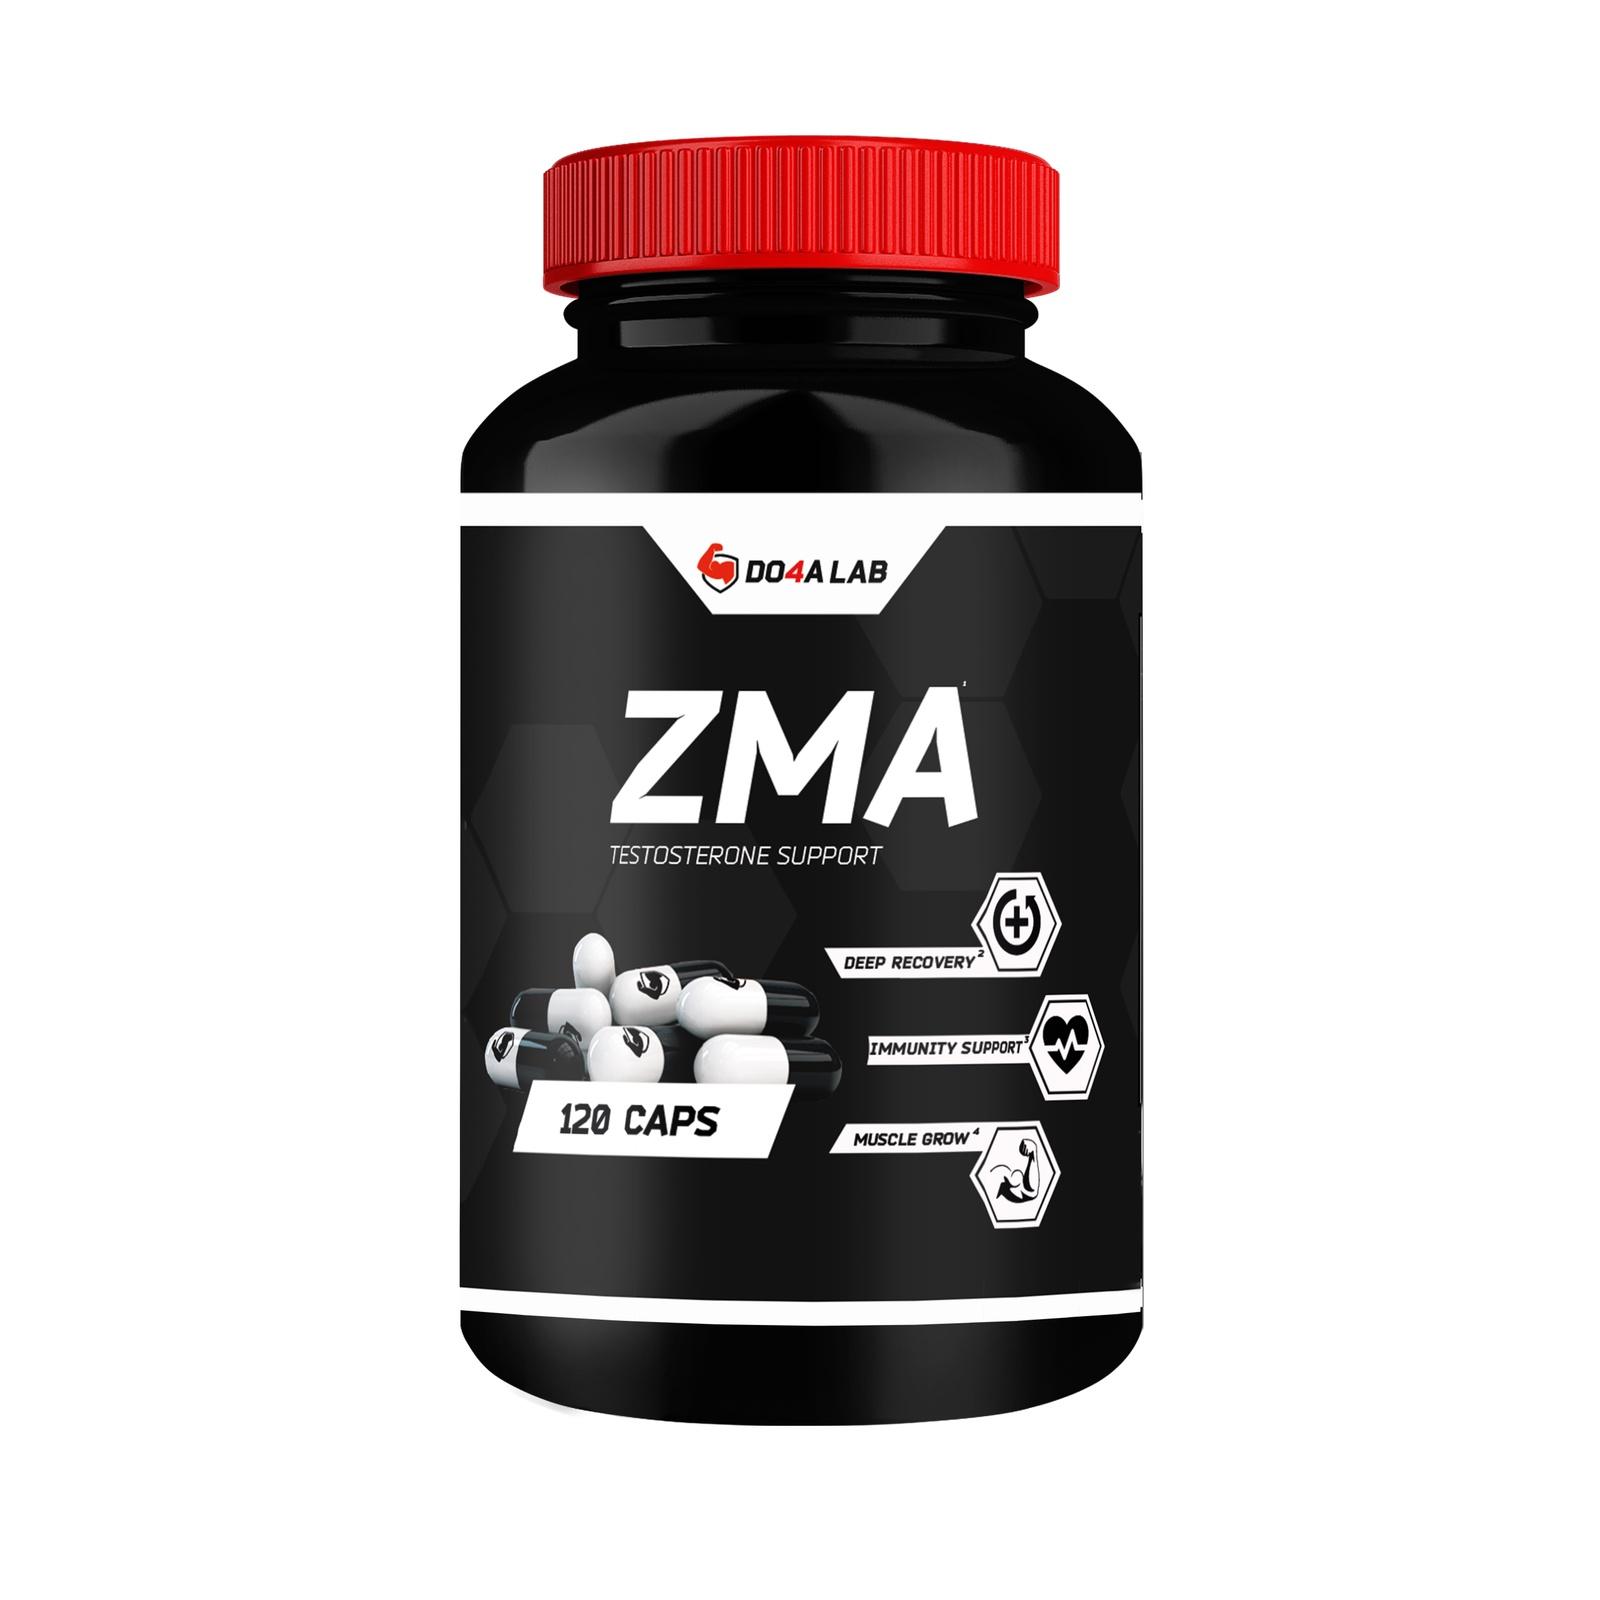 ZMA Do4a Lab DL0055, 100 zma для потенции